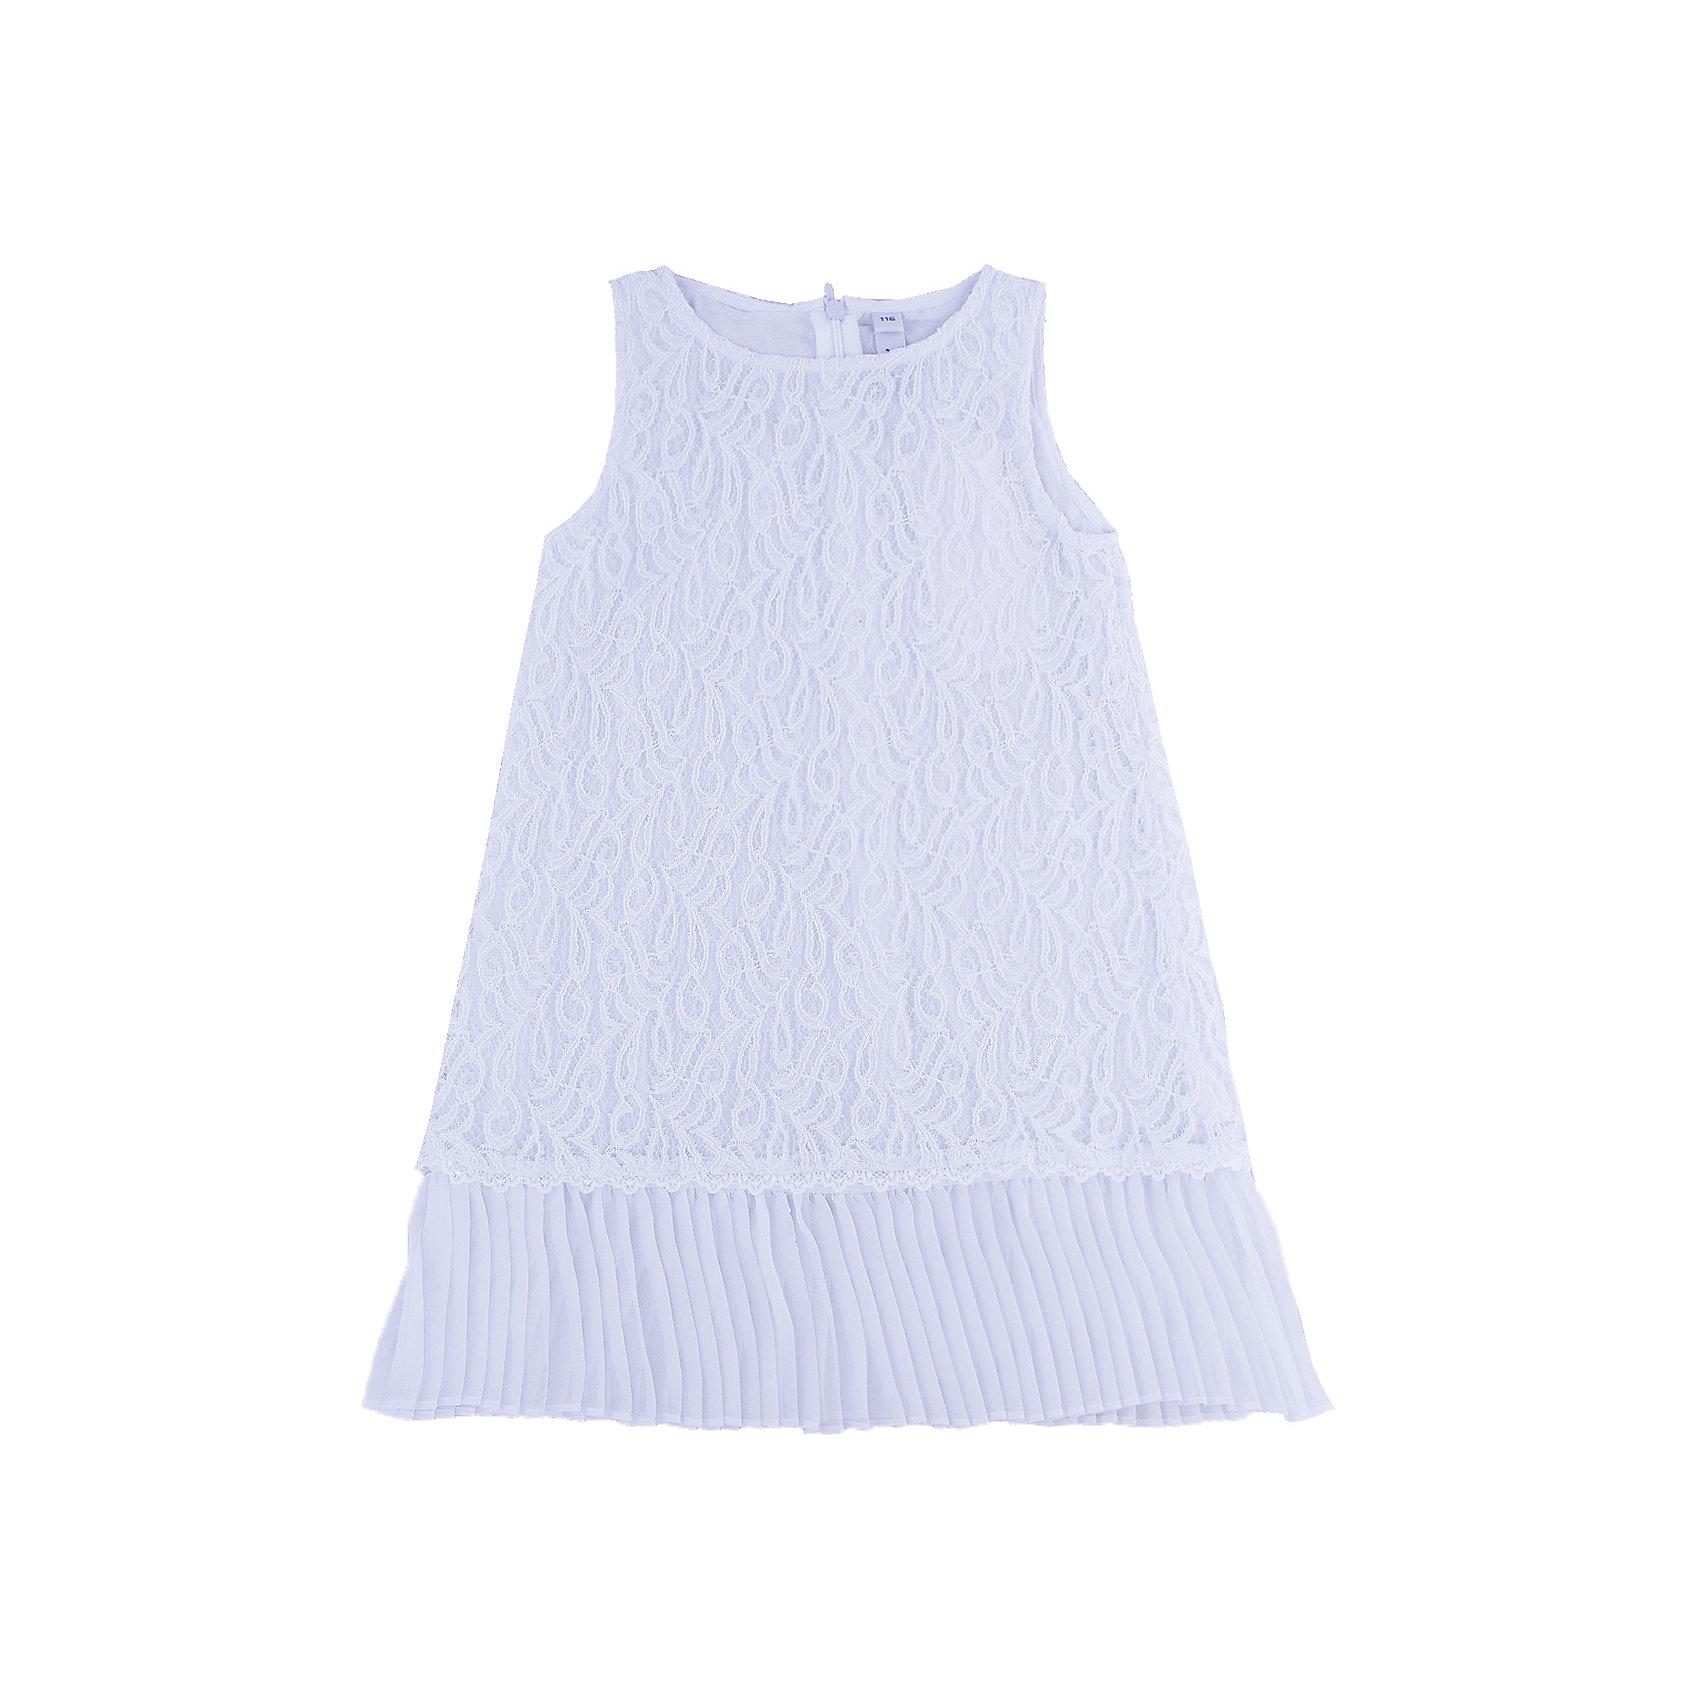 Нарядное платье для девочки PlayTodayОдежда<br>Платье для девочки от известного бренда PlayToday.<br>Платье без рукавов.<br><br>Верх из нежного гипюра, мягкая хлопковая подкладка обеспечивает удобство. По низу плиссированная отделка. Застегивается на потайную молнию сзади.<br>Состав:<br>Верх: 80% хлопок, 20% полиамид; подкладка: 100% хлопок<br><br>Ширина мм: 236<br>Глубина мм: 16<br>Высота мм: 184<br>Вес г: 177<br>Цвет: белый<br>Возраст от месяцев: 72<br>Возраст до месяцев: 84<br>Пол: Женский<br>Возраст: Детский<br>Размер: 122,104,128,110,116,98<br>SKU: 5113869